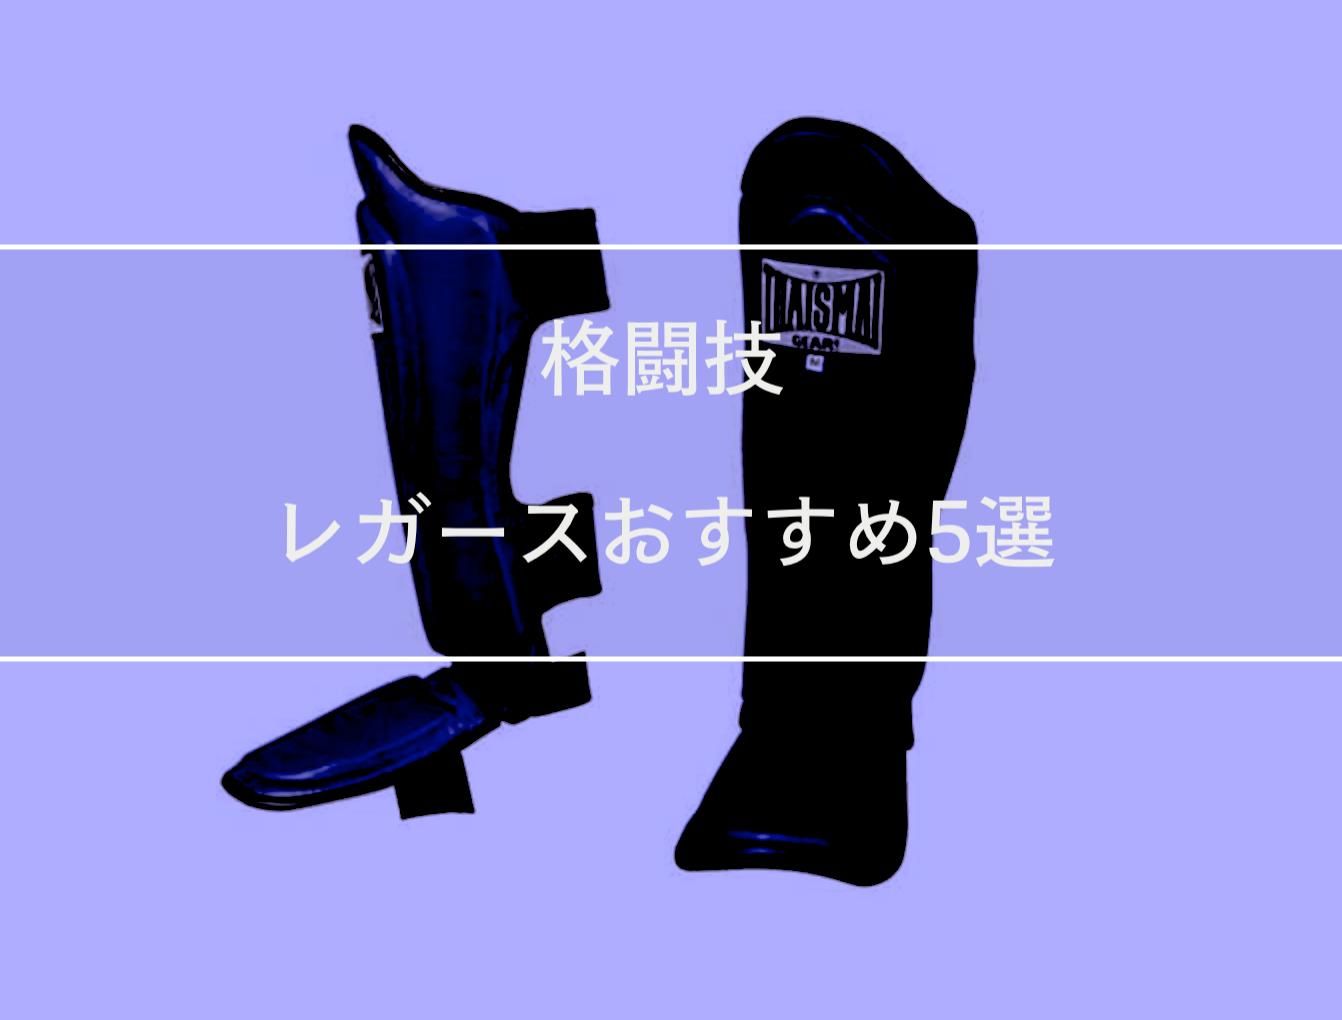 【格闘技】レガースのおすすめ5選を紹介します。